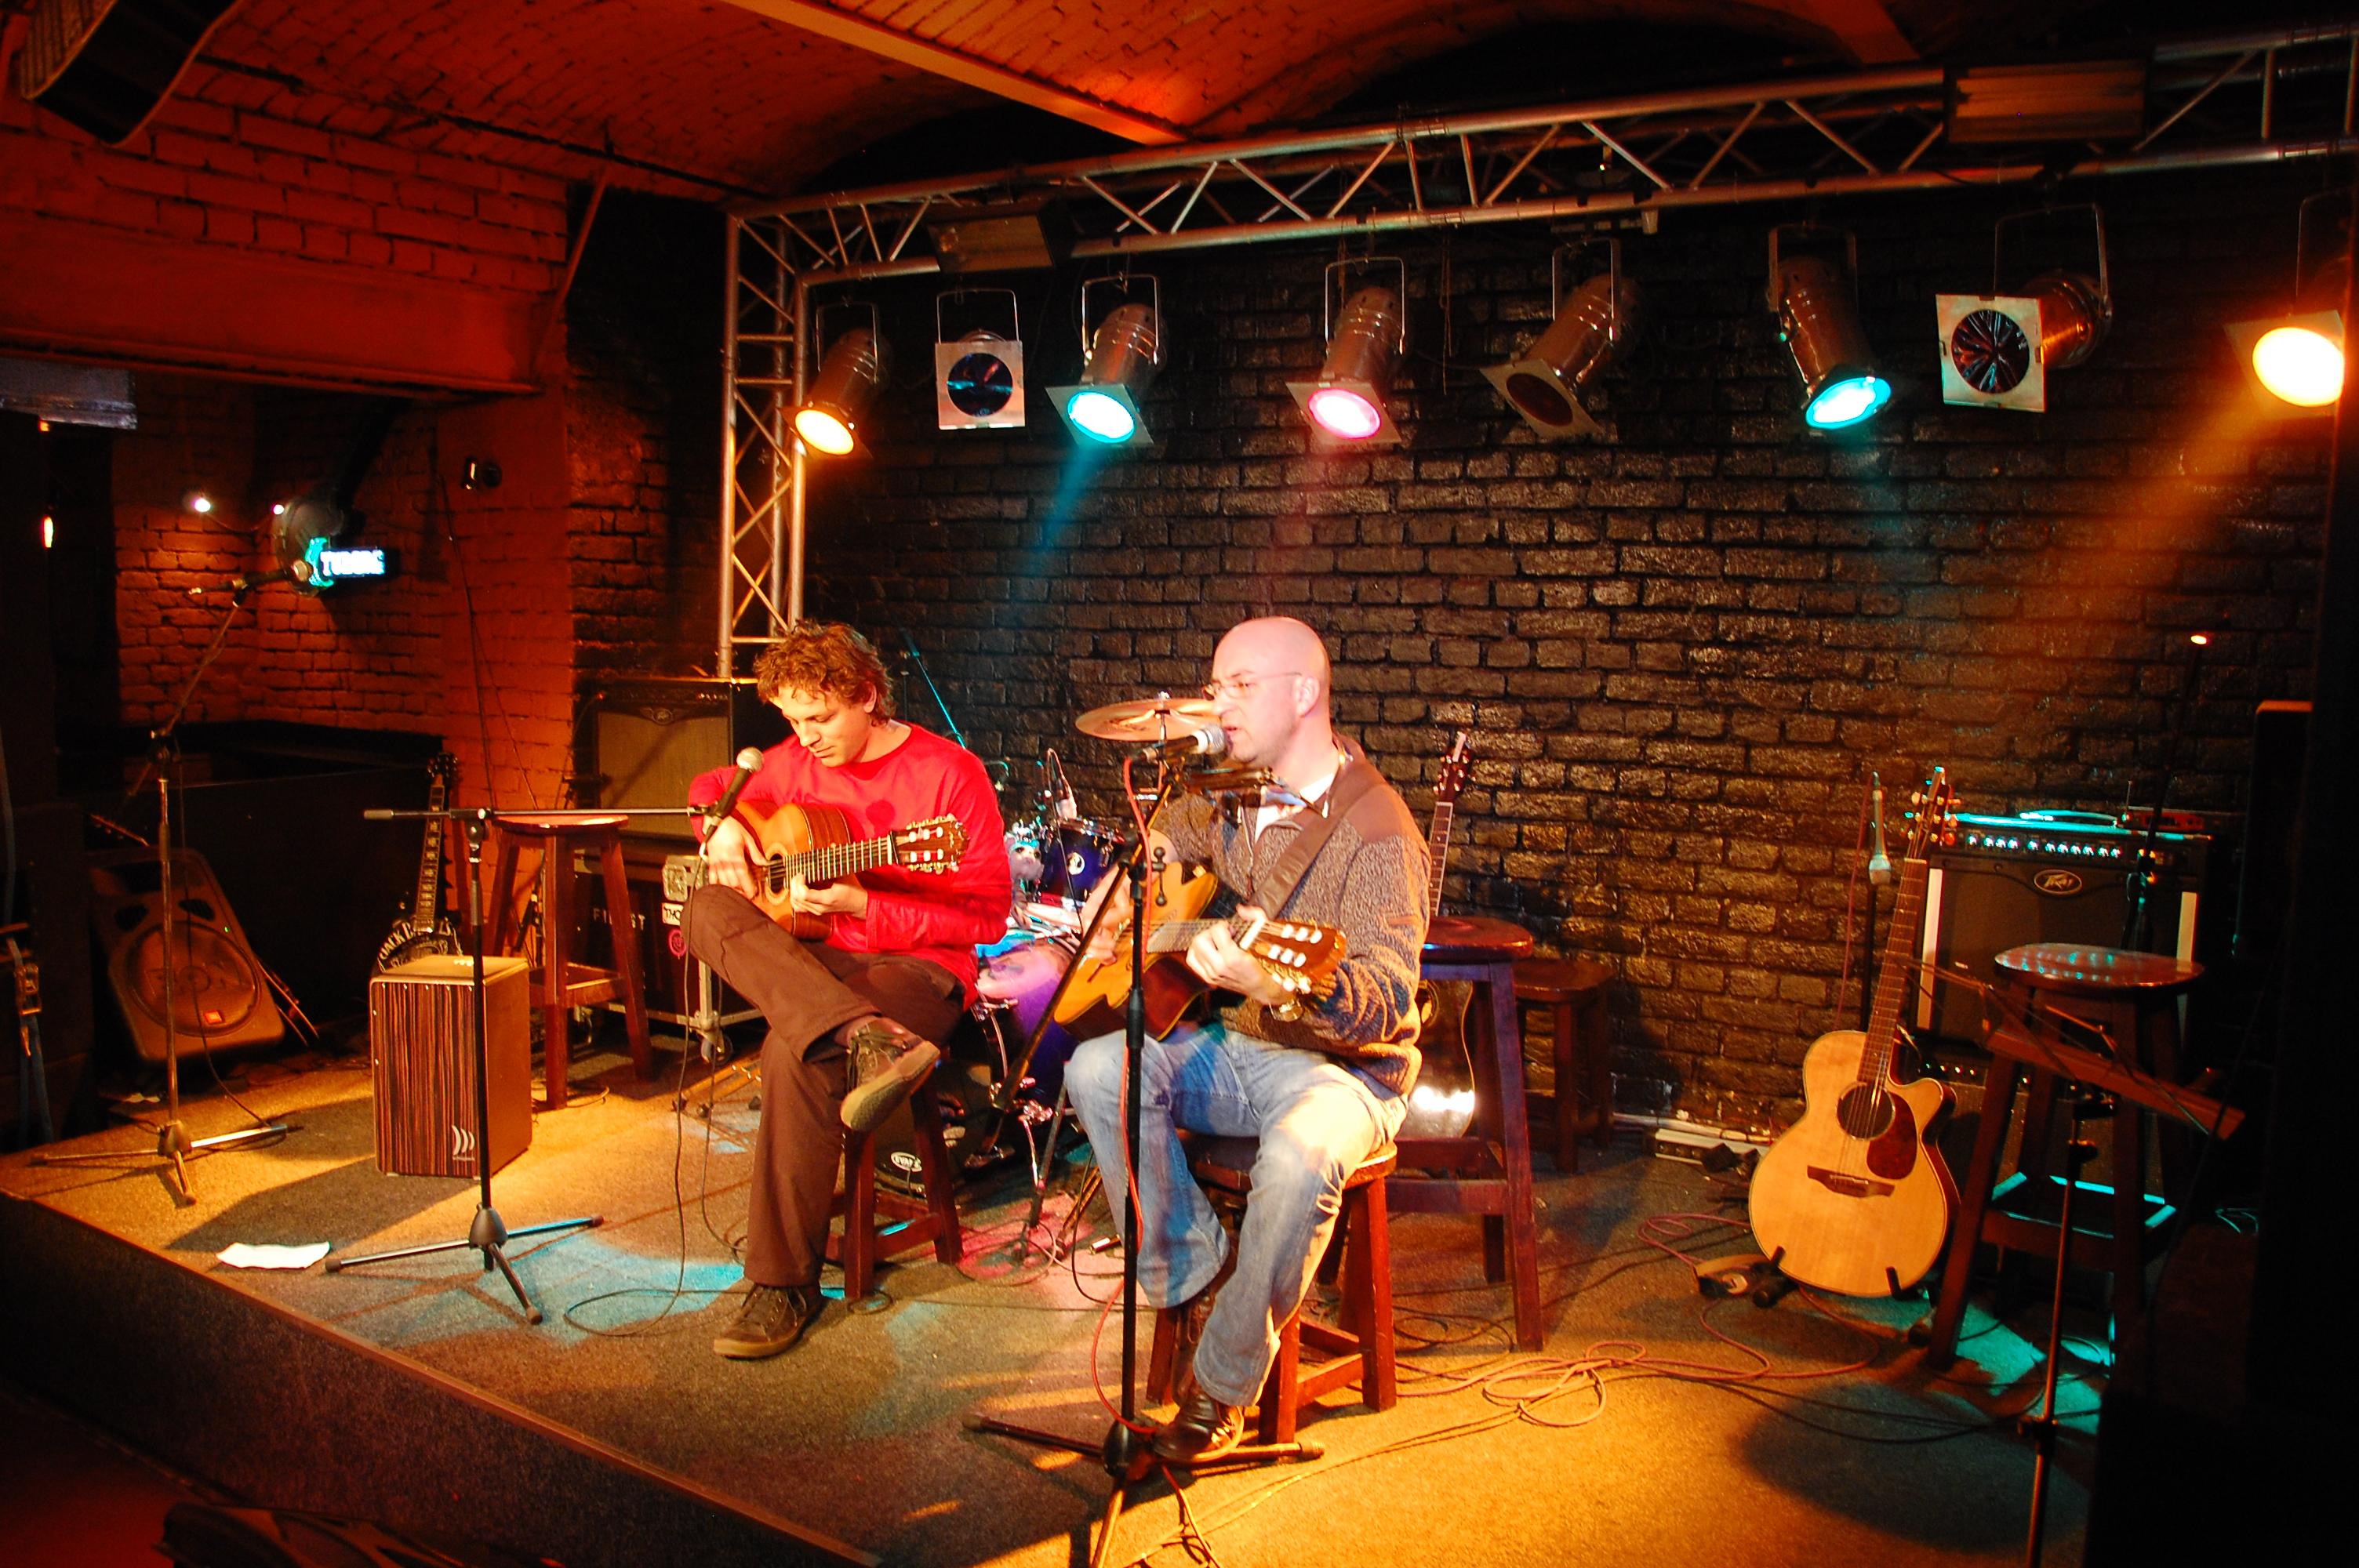 Teatrul Scena din Cetatea Tîrgu-Mureş prezintă improvizaţii flamenco-pop-rock.